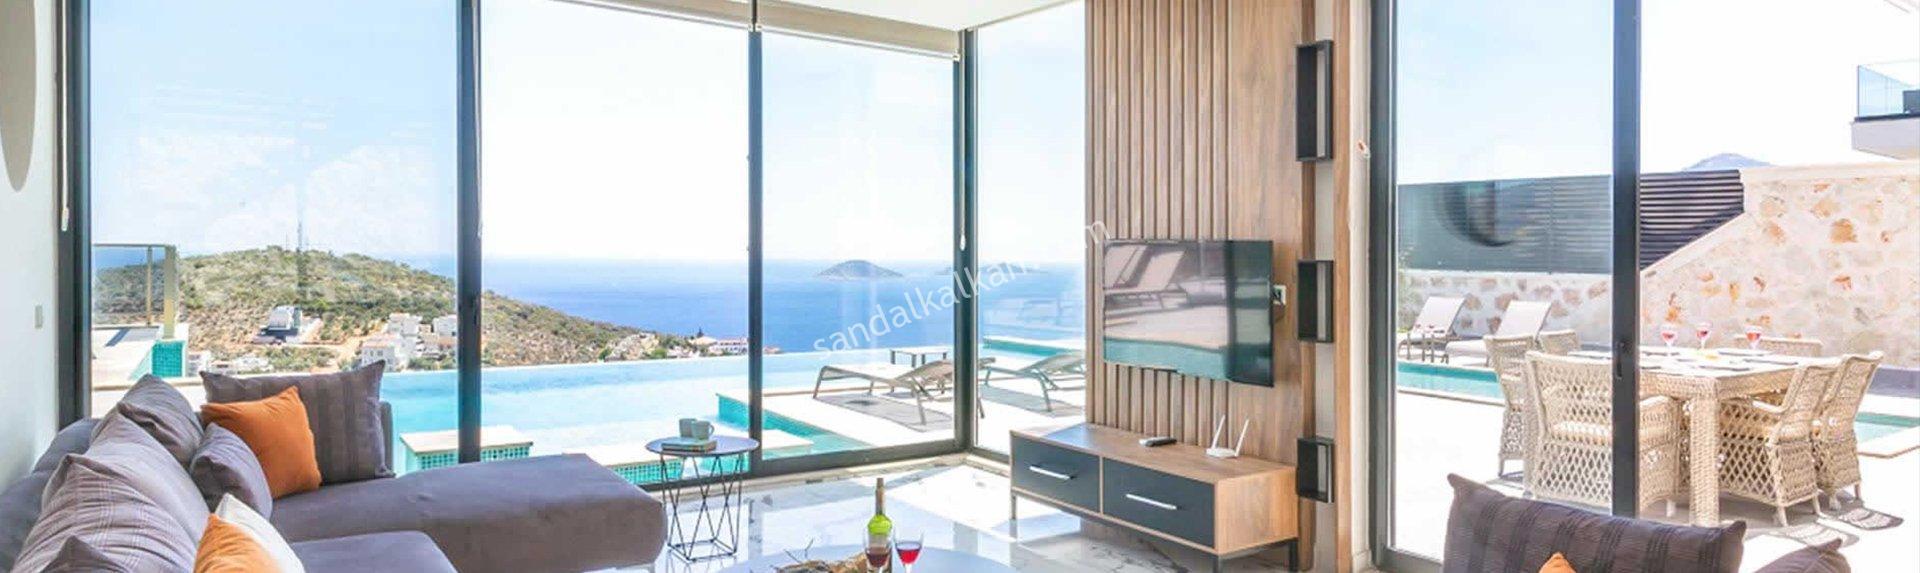 Luxury villas for sale in Kalkan